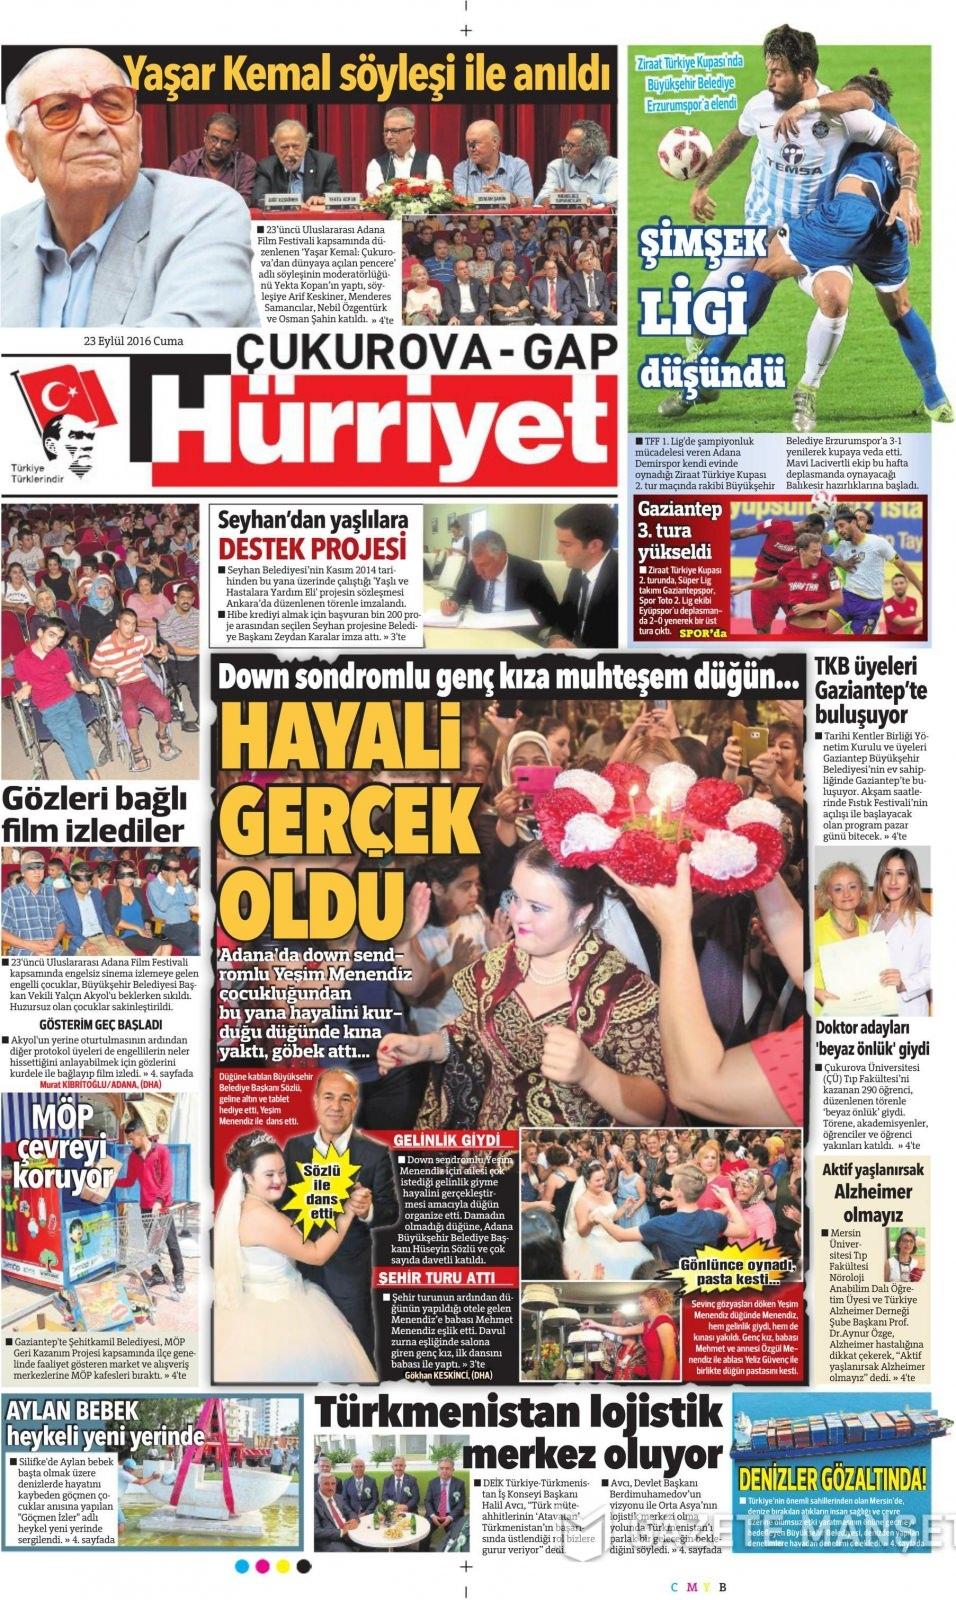 23 Eylül Cuma gazete manşetleri 7